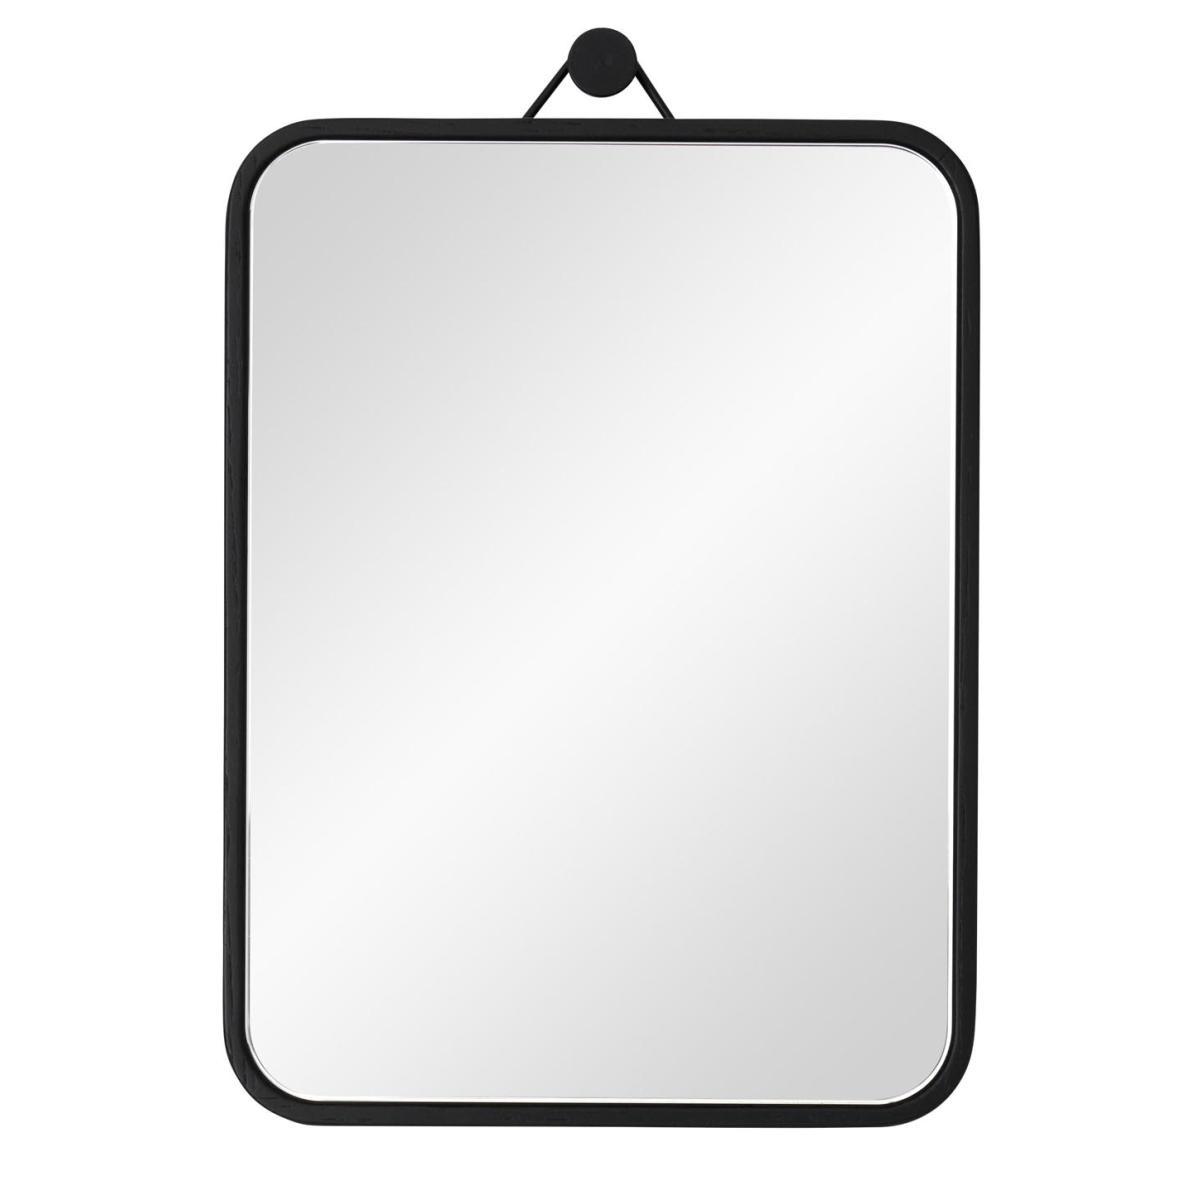 VIEW Spiegel 15 x 20 cm Eiche schwarz